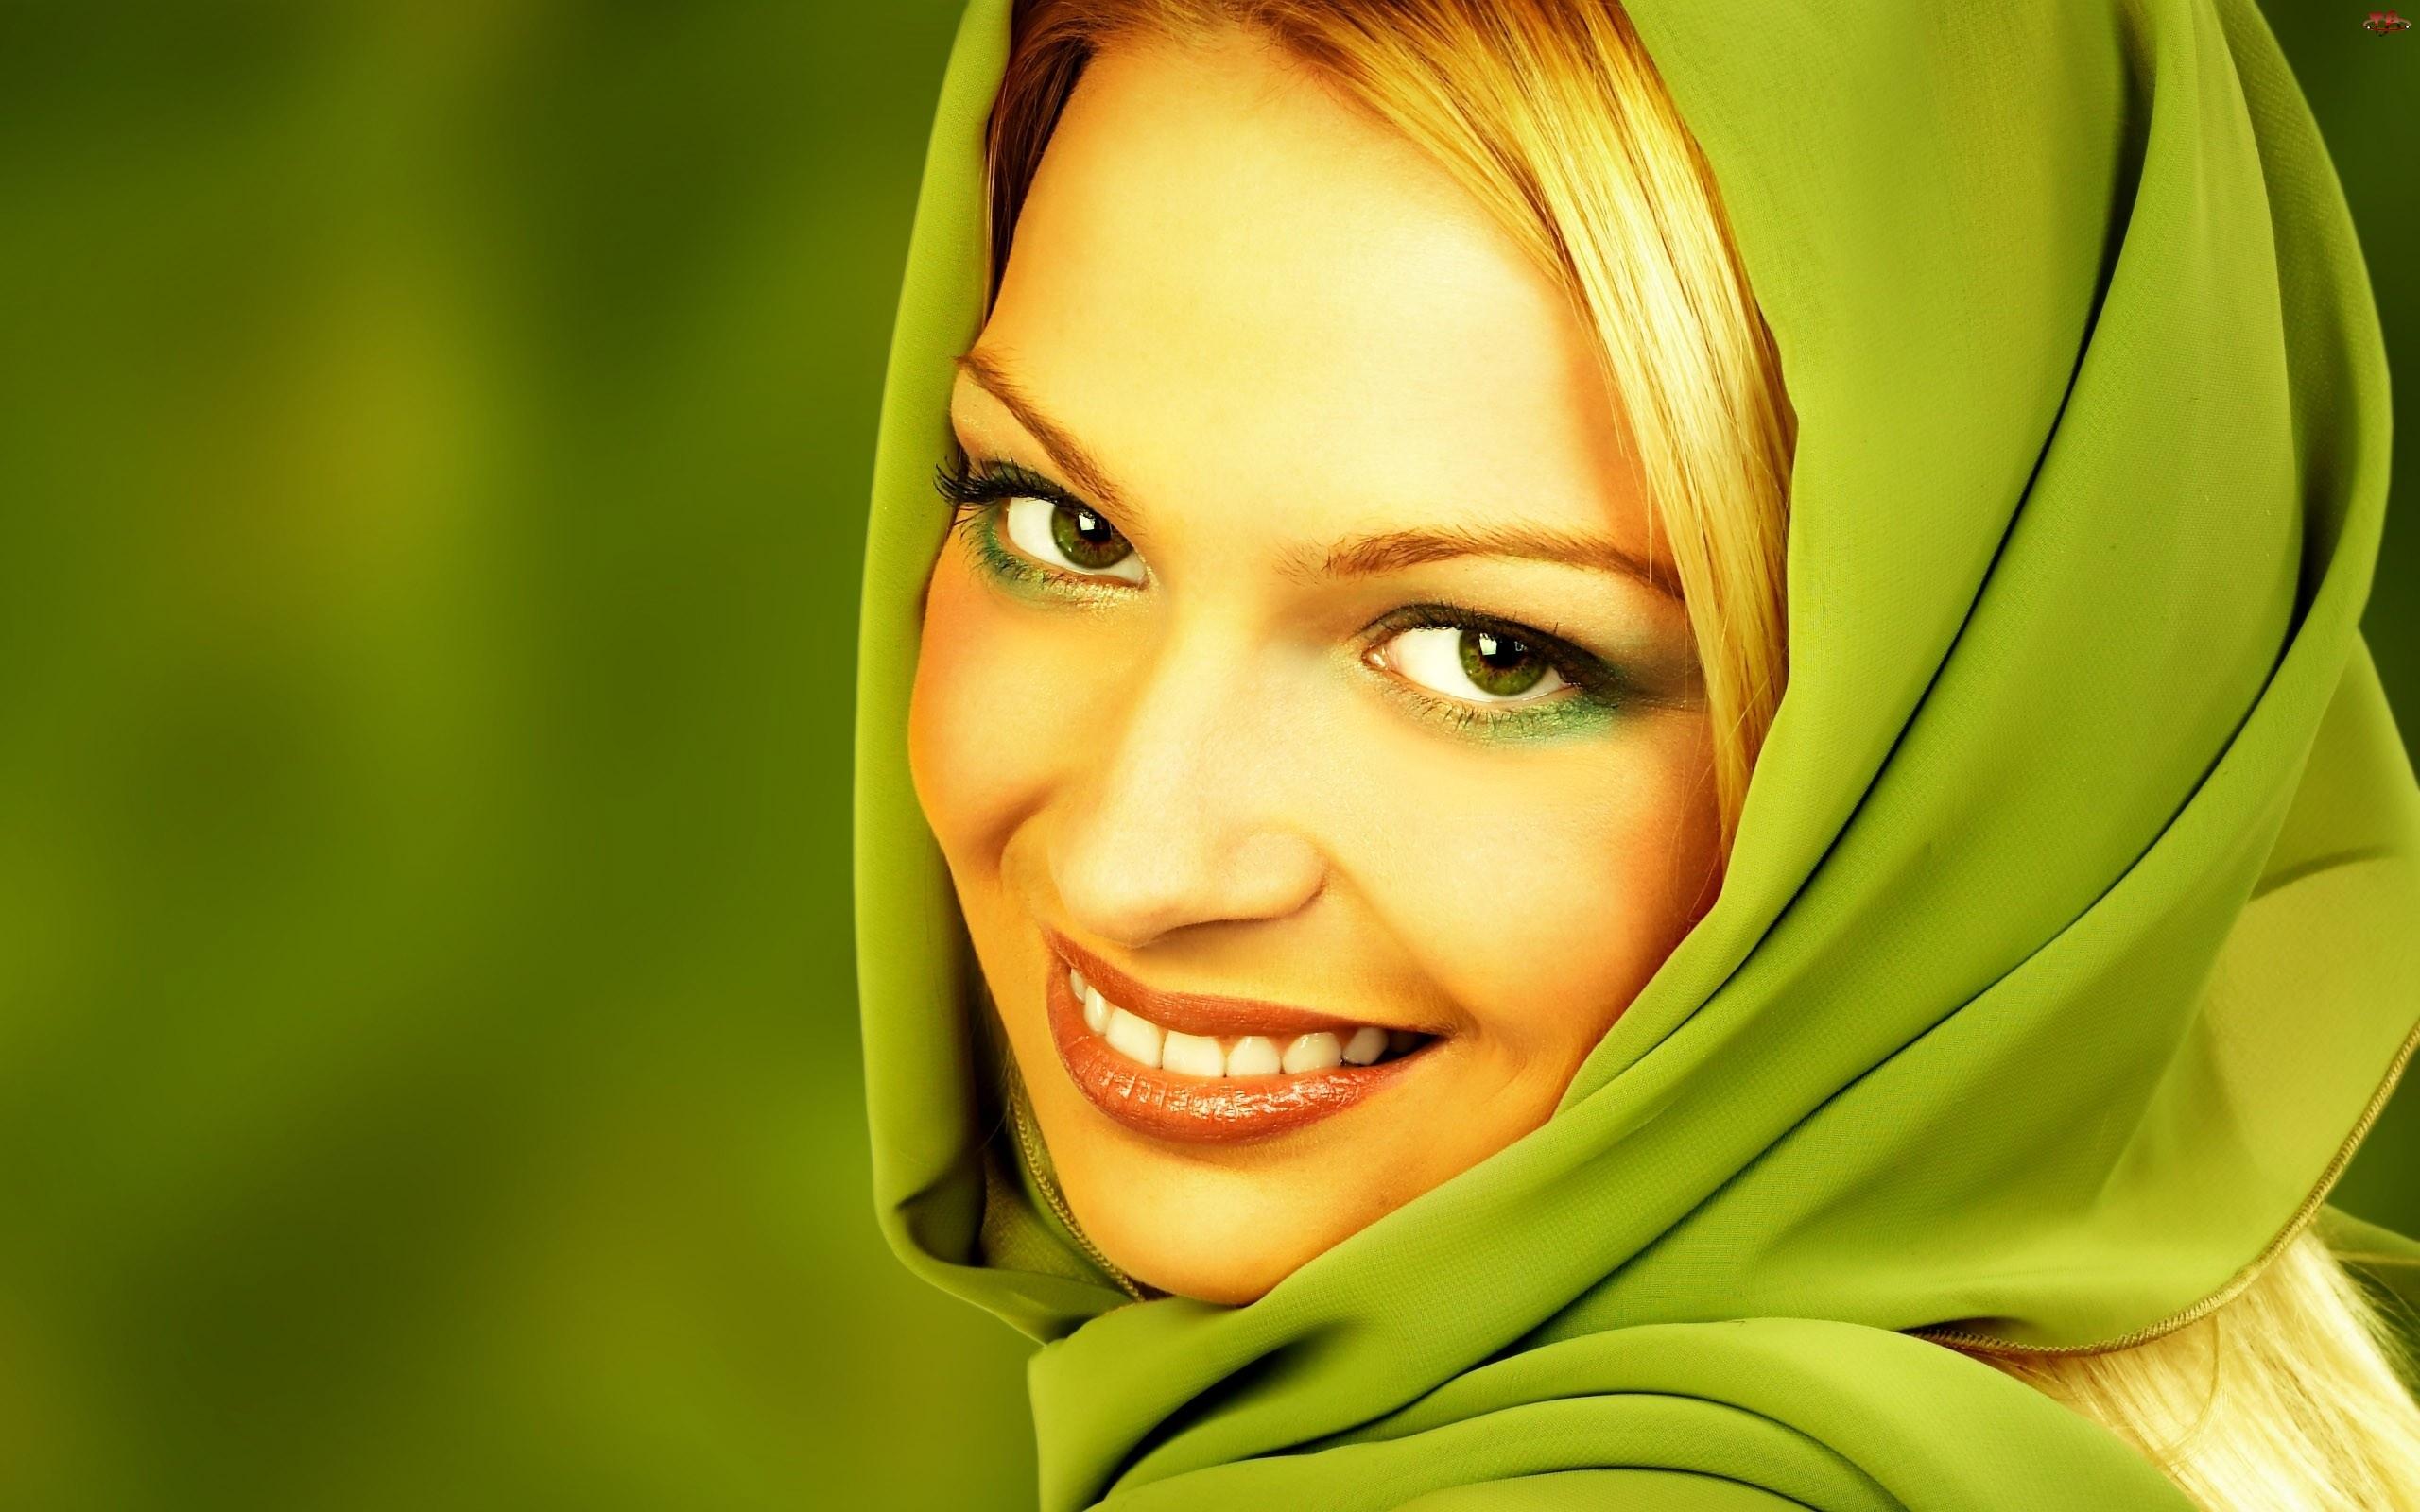 Uśmiechnięta, Chustka, Kobieta, Zielona